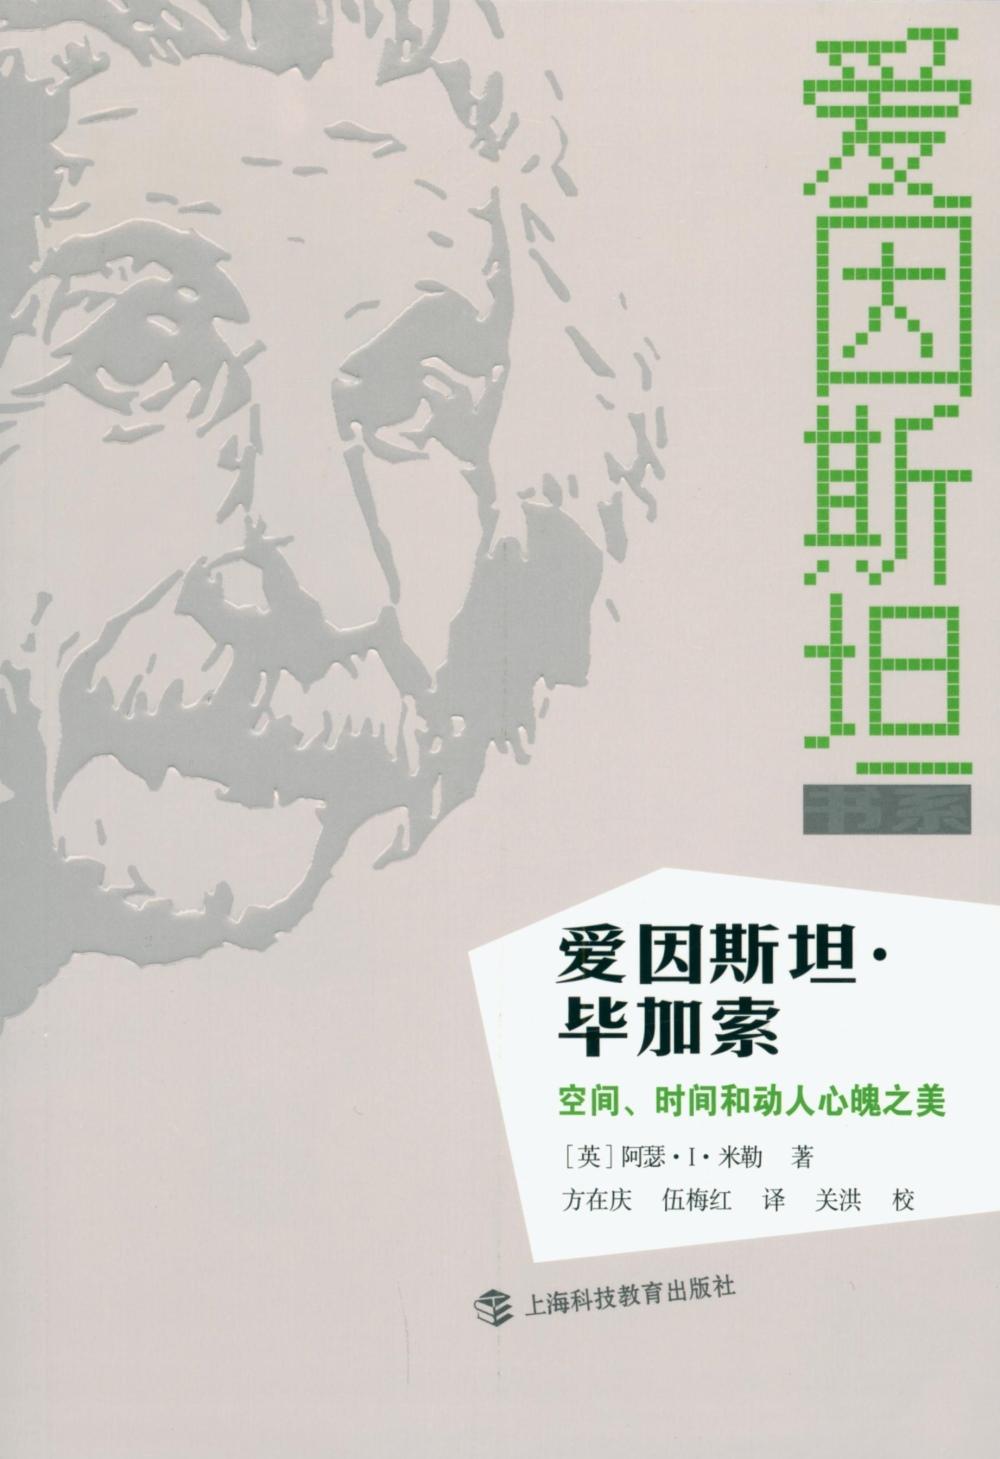 愛因斯坦·畢加索:空間、時間和動人心魄之美